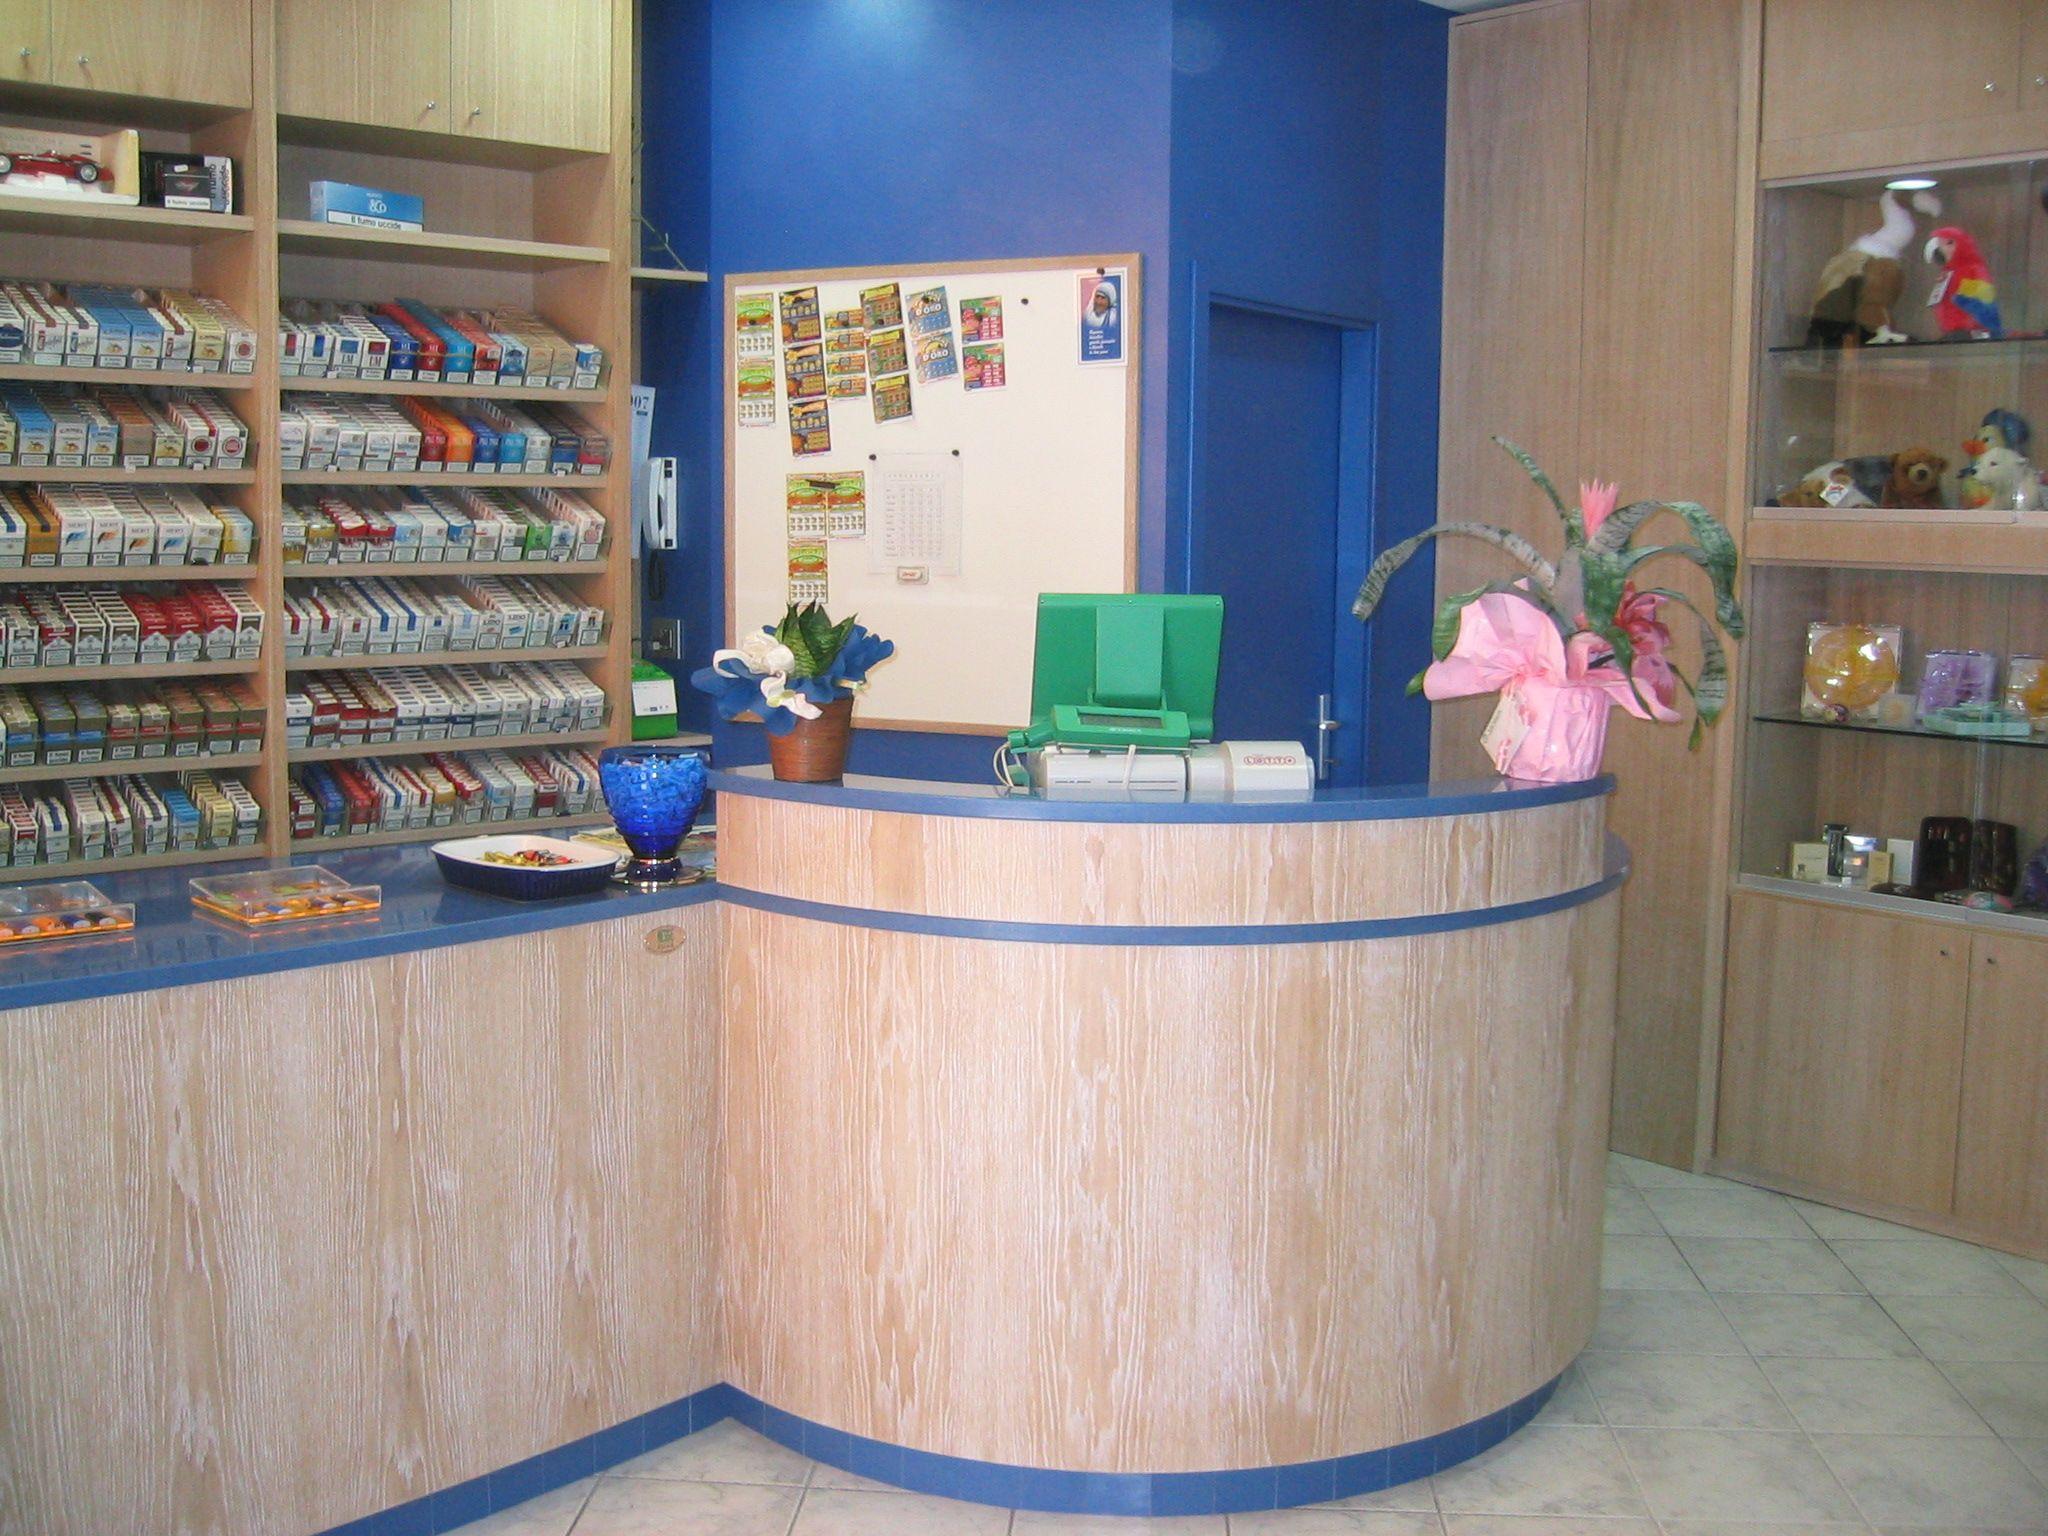 Arredamento ricevitoria ~ Banco ricevitoria realizzato in provincia di rimini. bianco